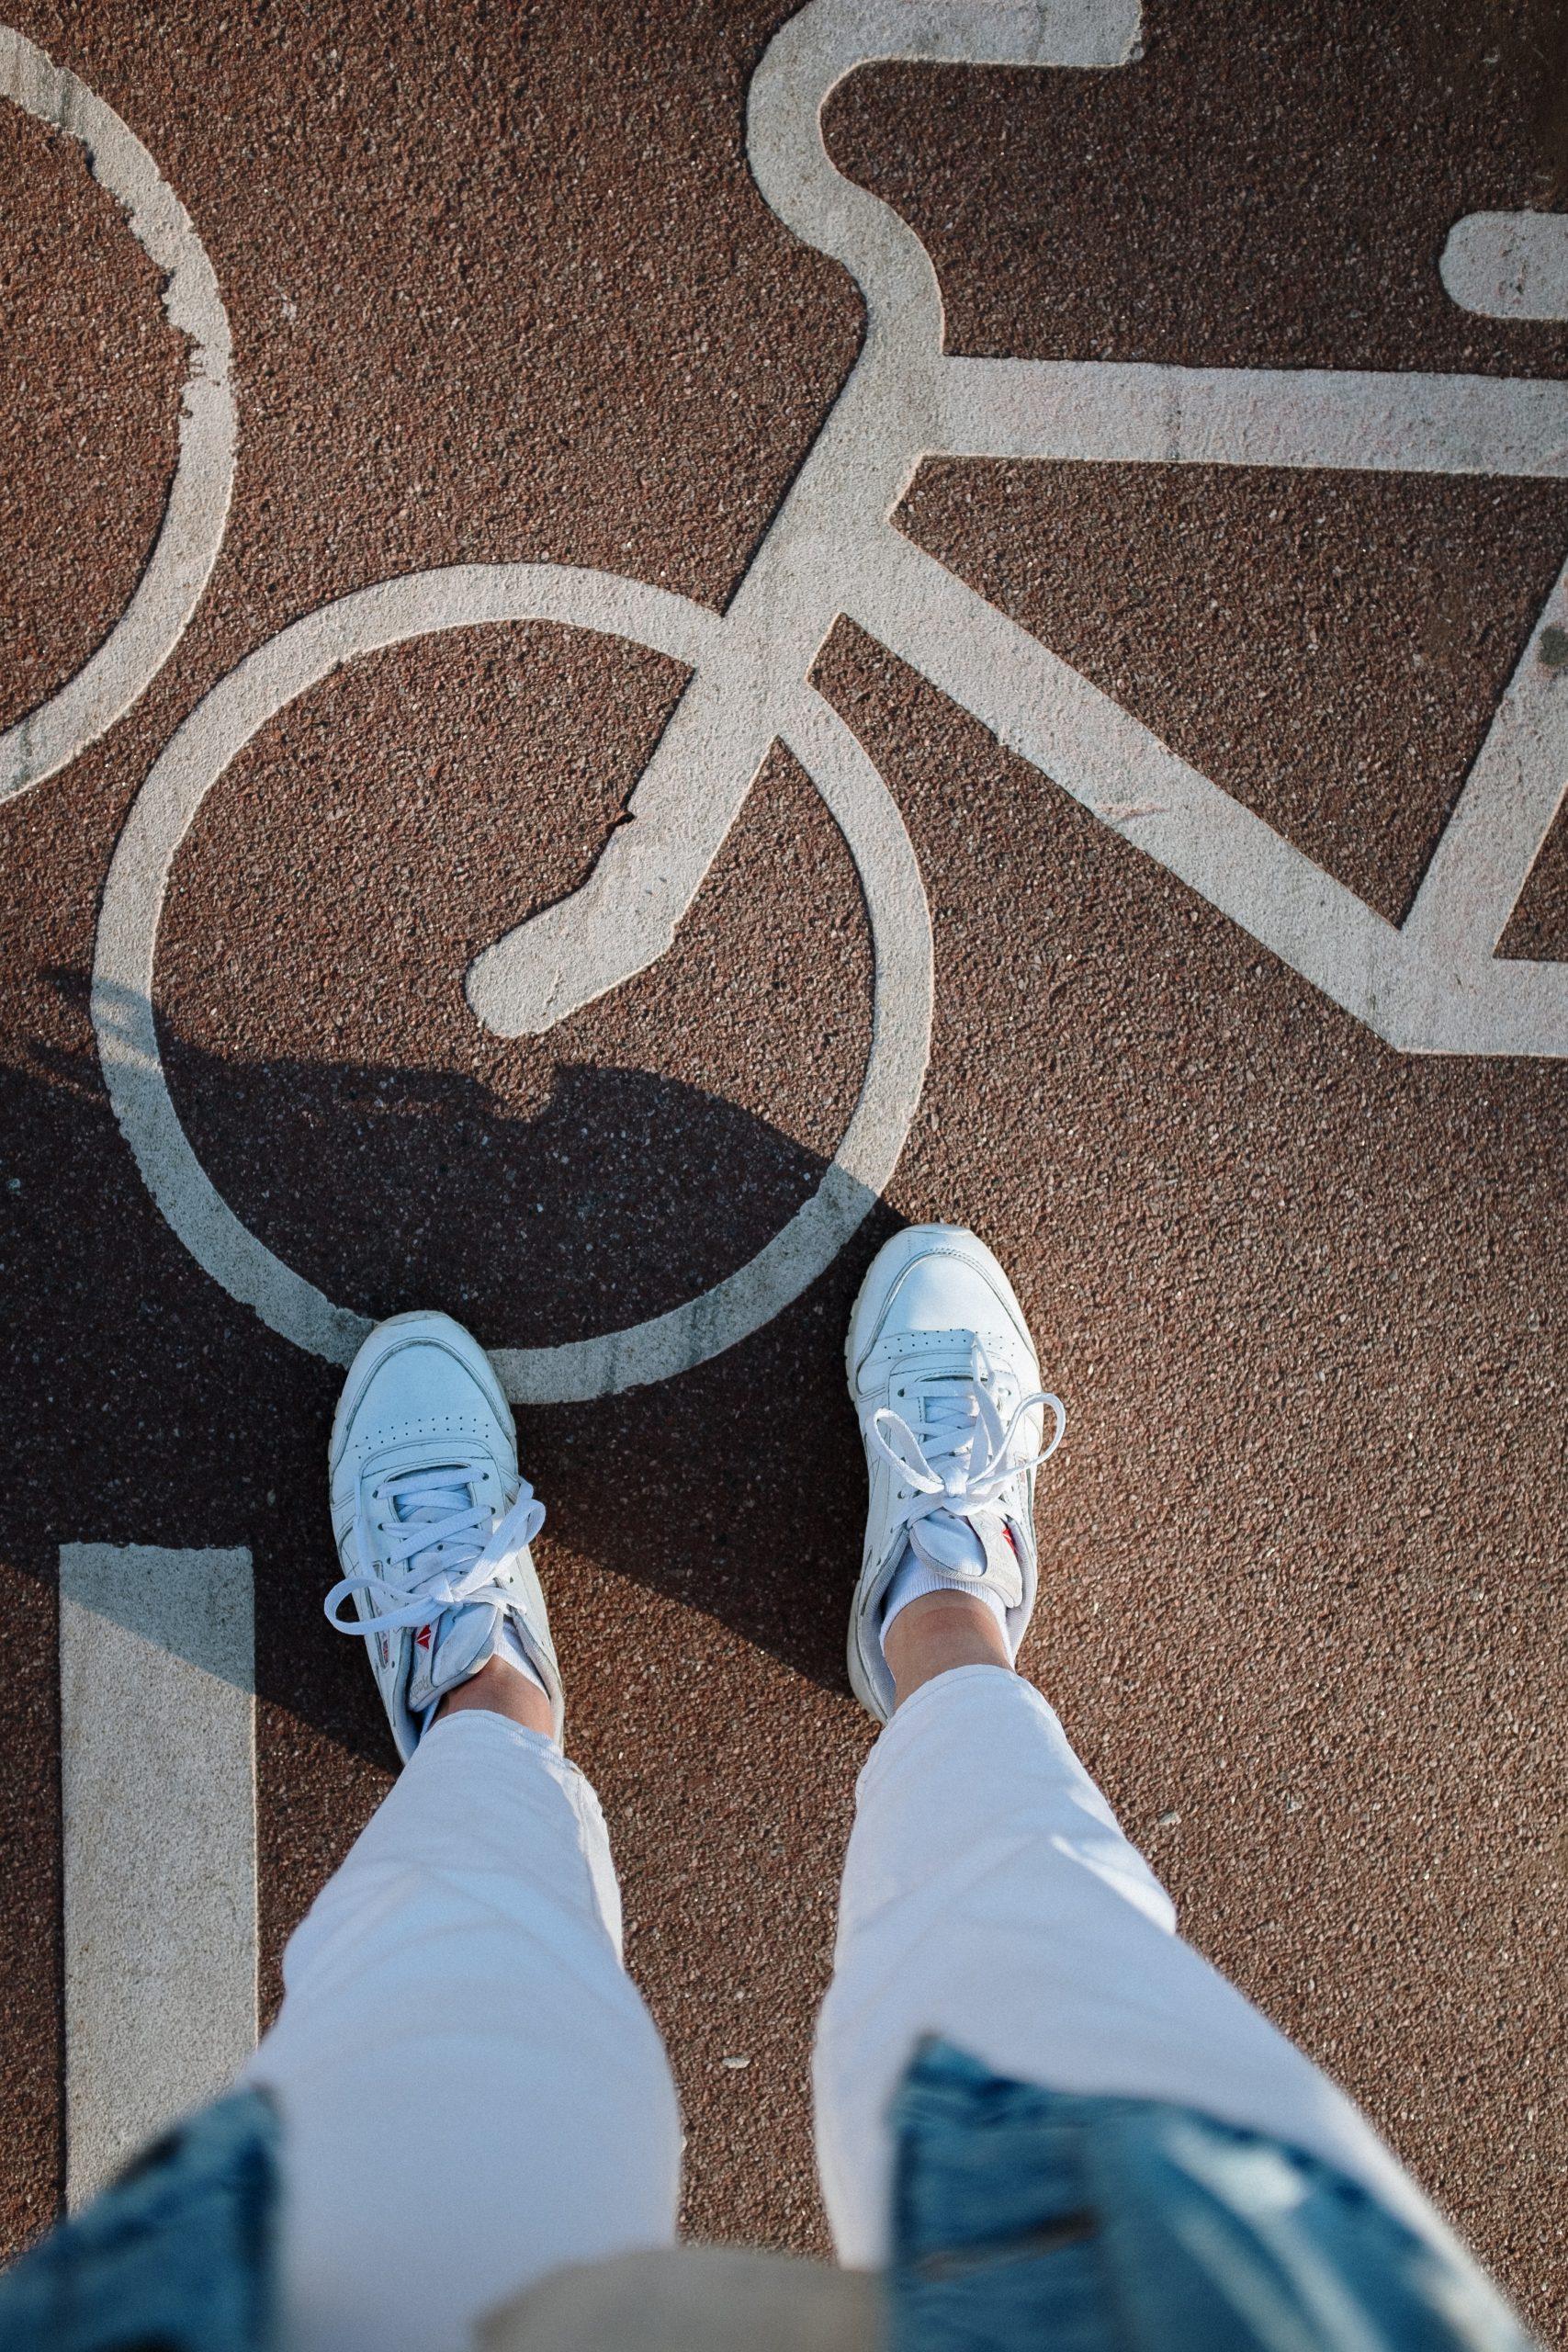 carril bici adaptado para todas las bicis en ciudad